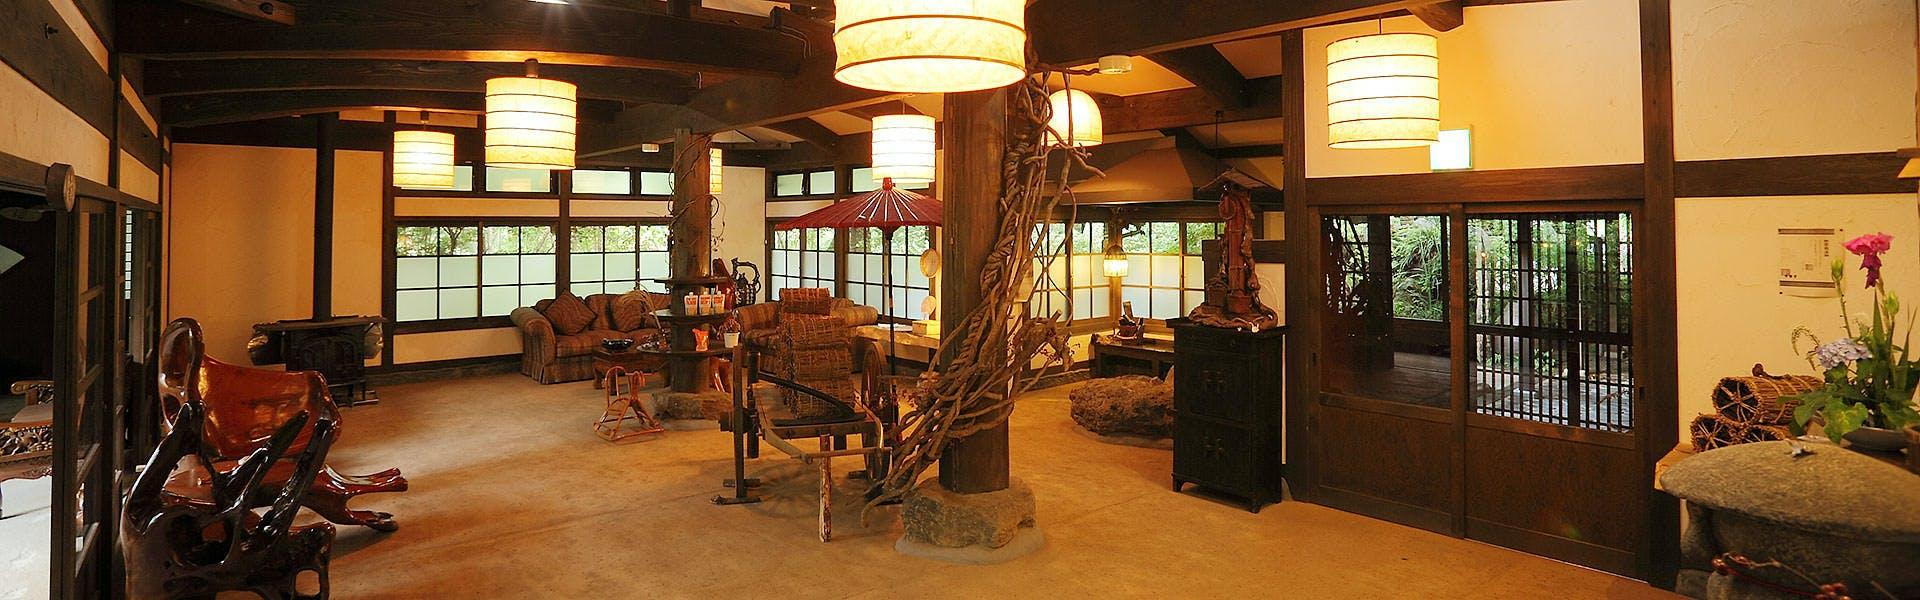 記念日におすすめのホテル・【飛瀬温泉 天河山荘】の写真3